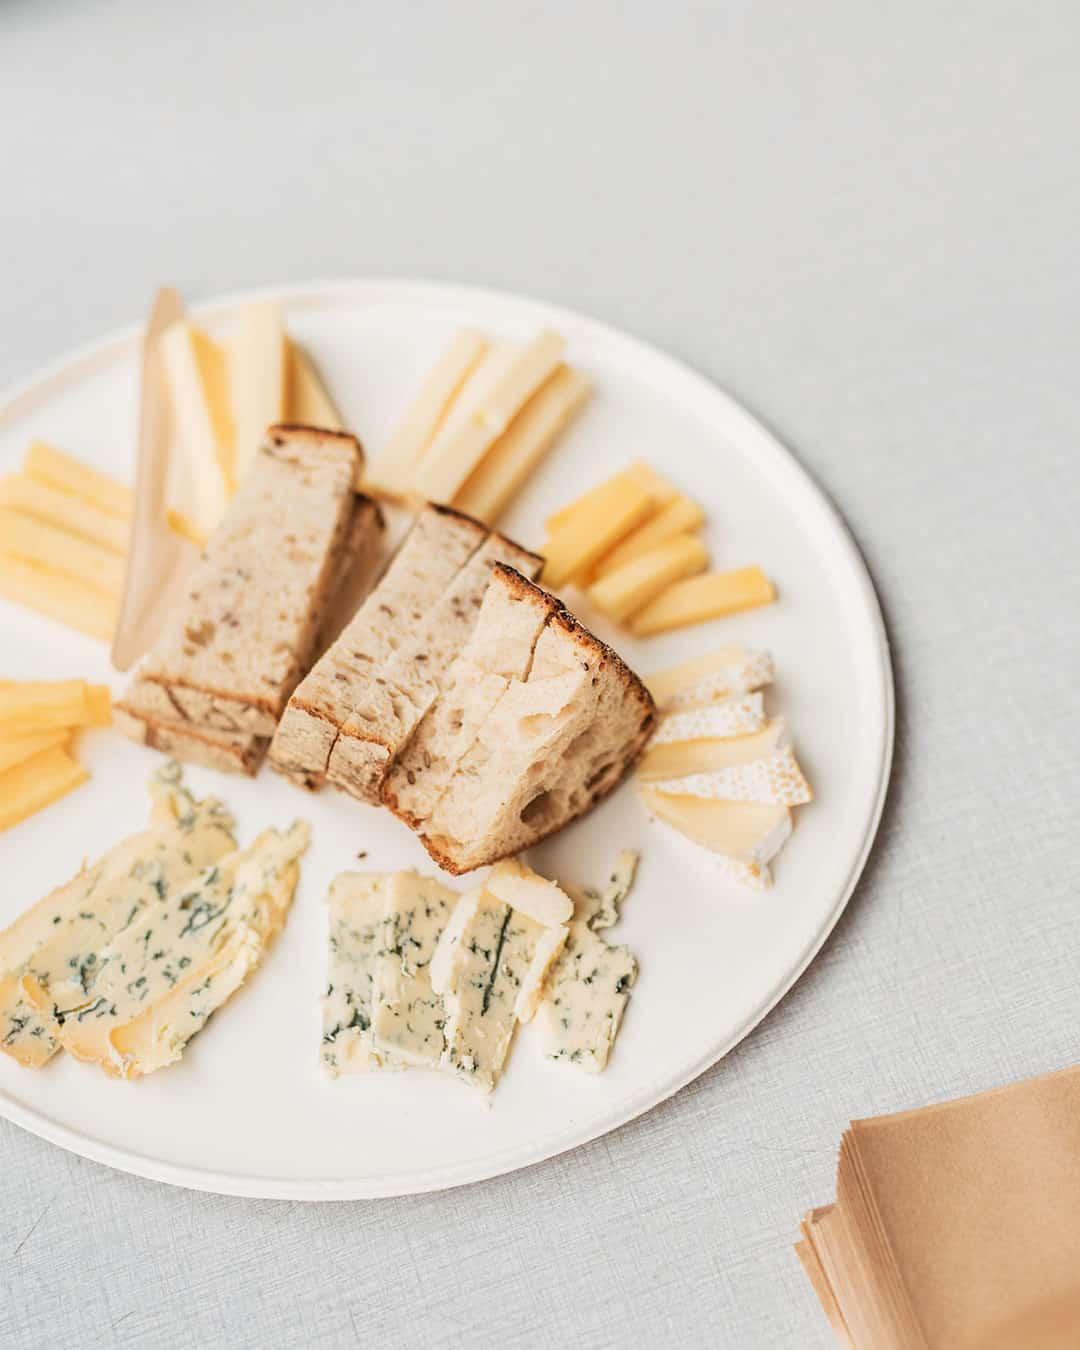 Guide: Sådan beskriver du ostens smag